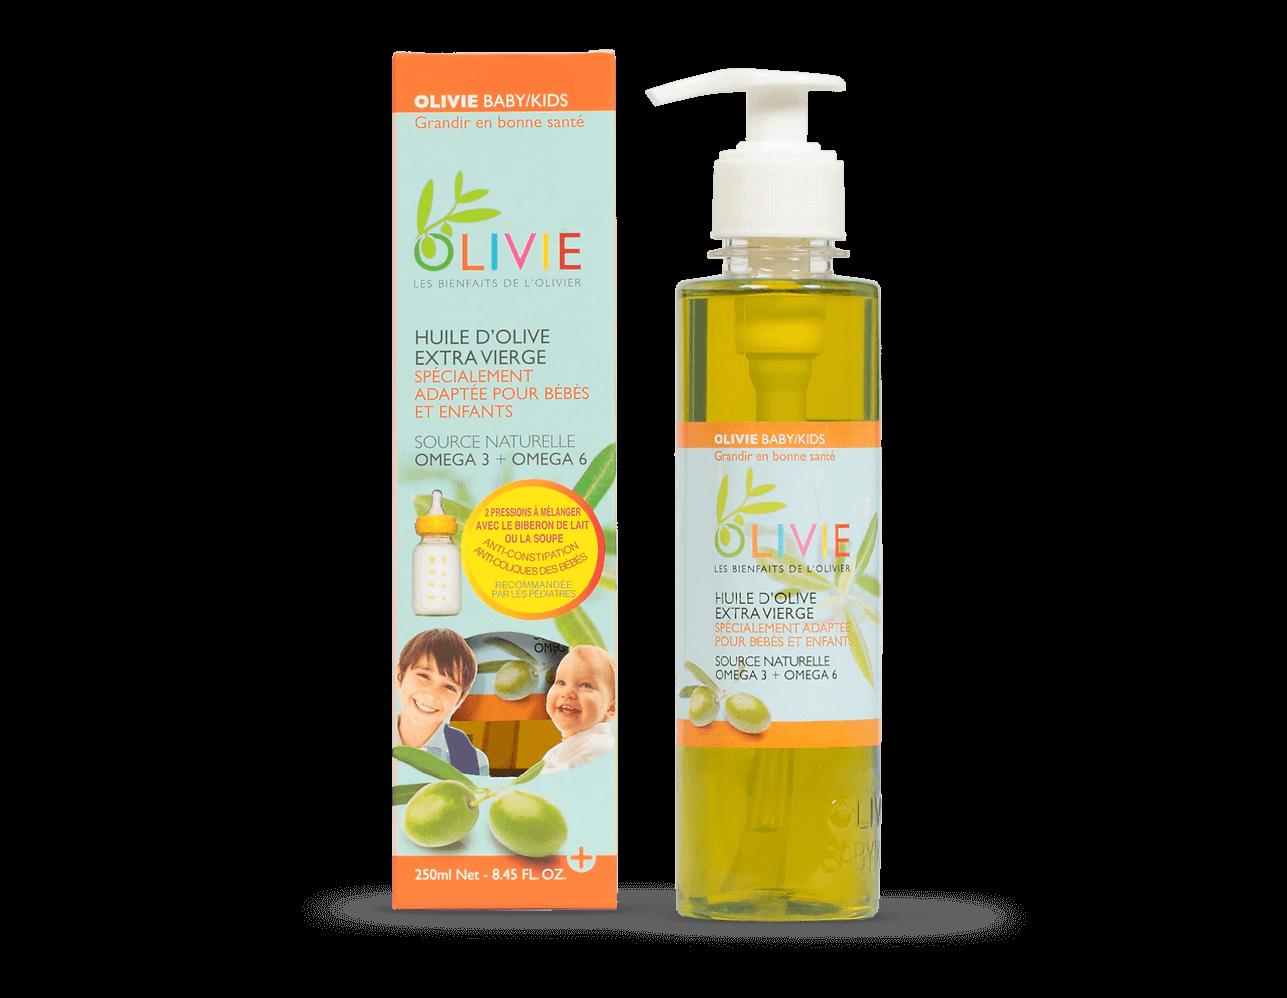 OLIVIE BABY/KIDS est une huile d'olive extra vierge BIO pour les plus petits! Réduit les coliques des bébés.